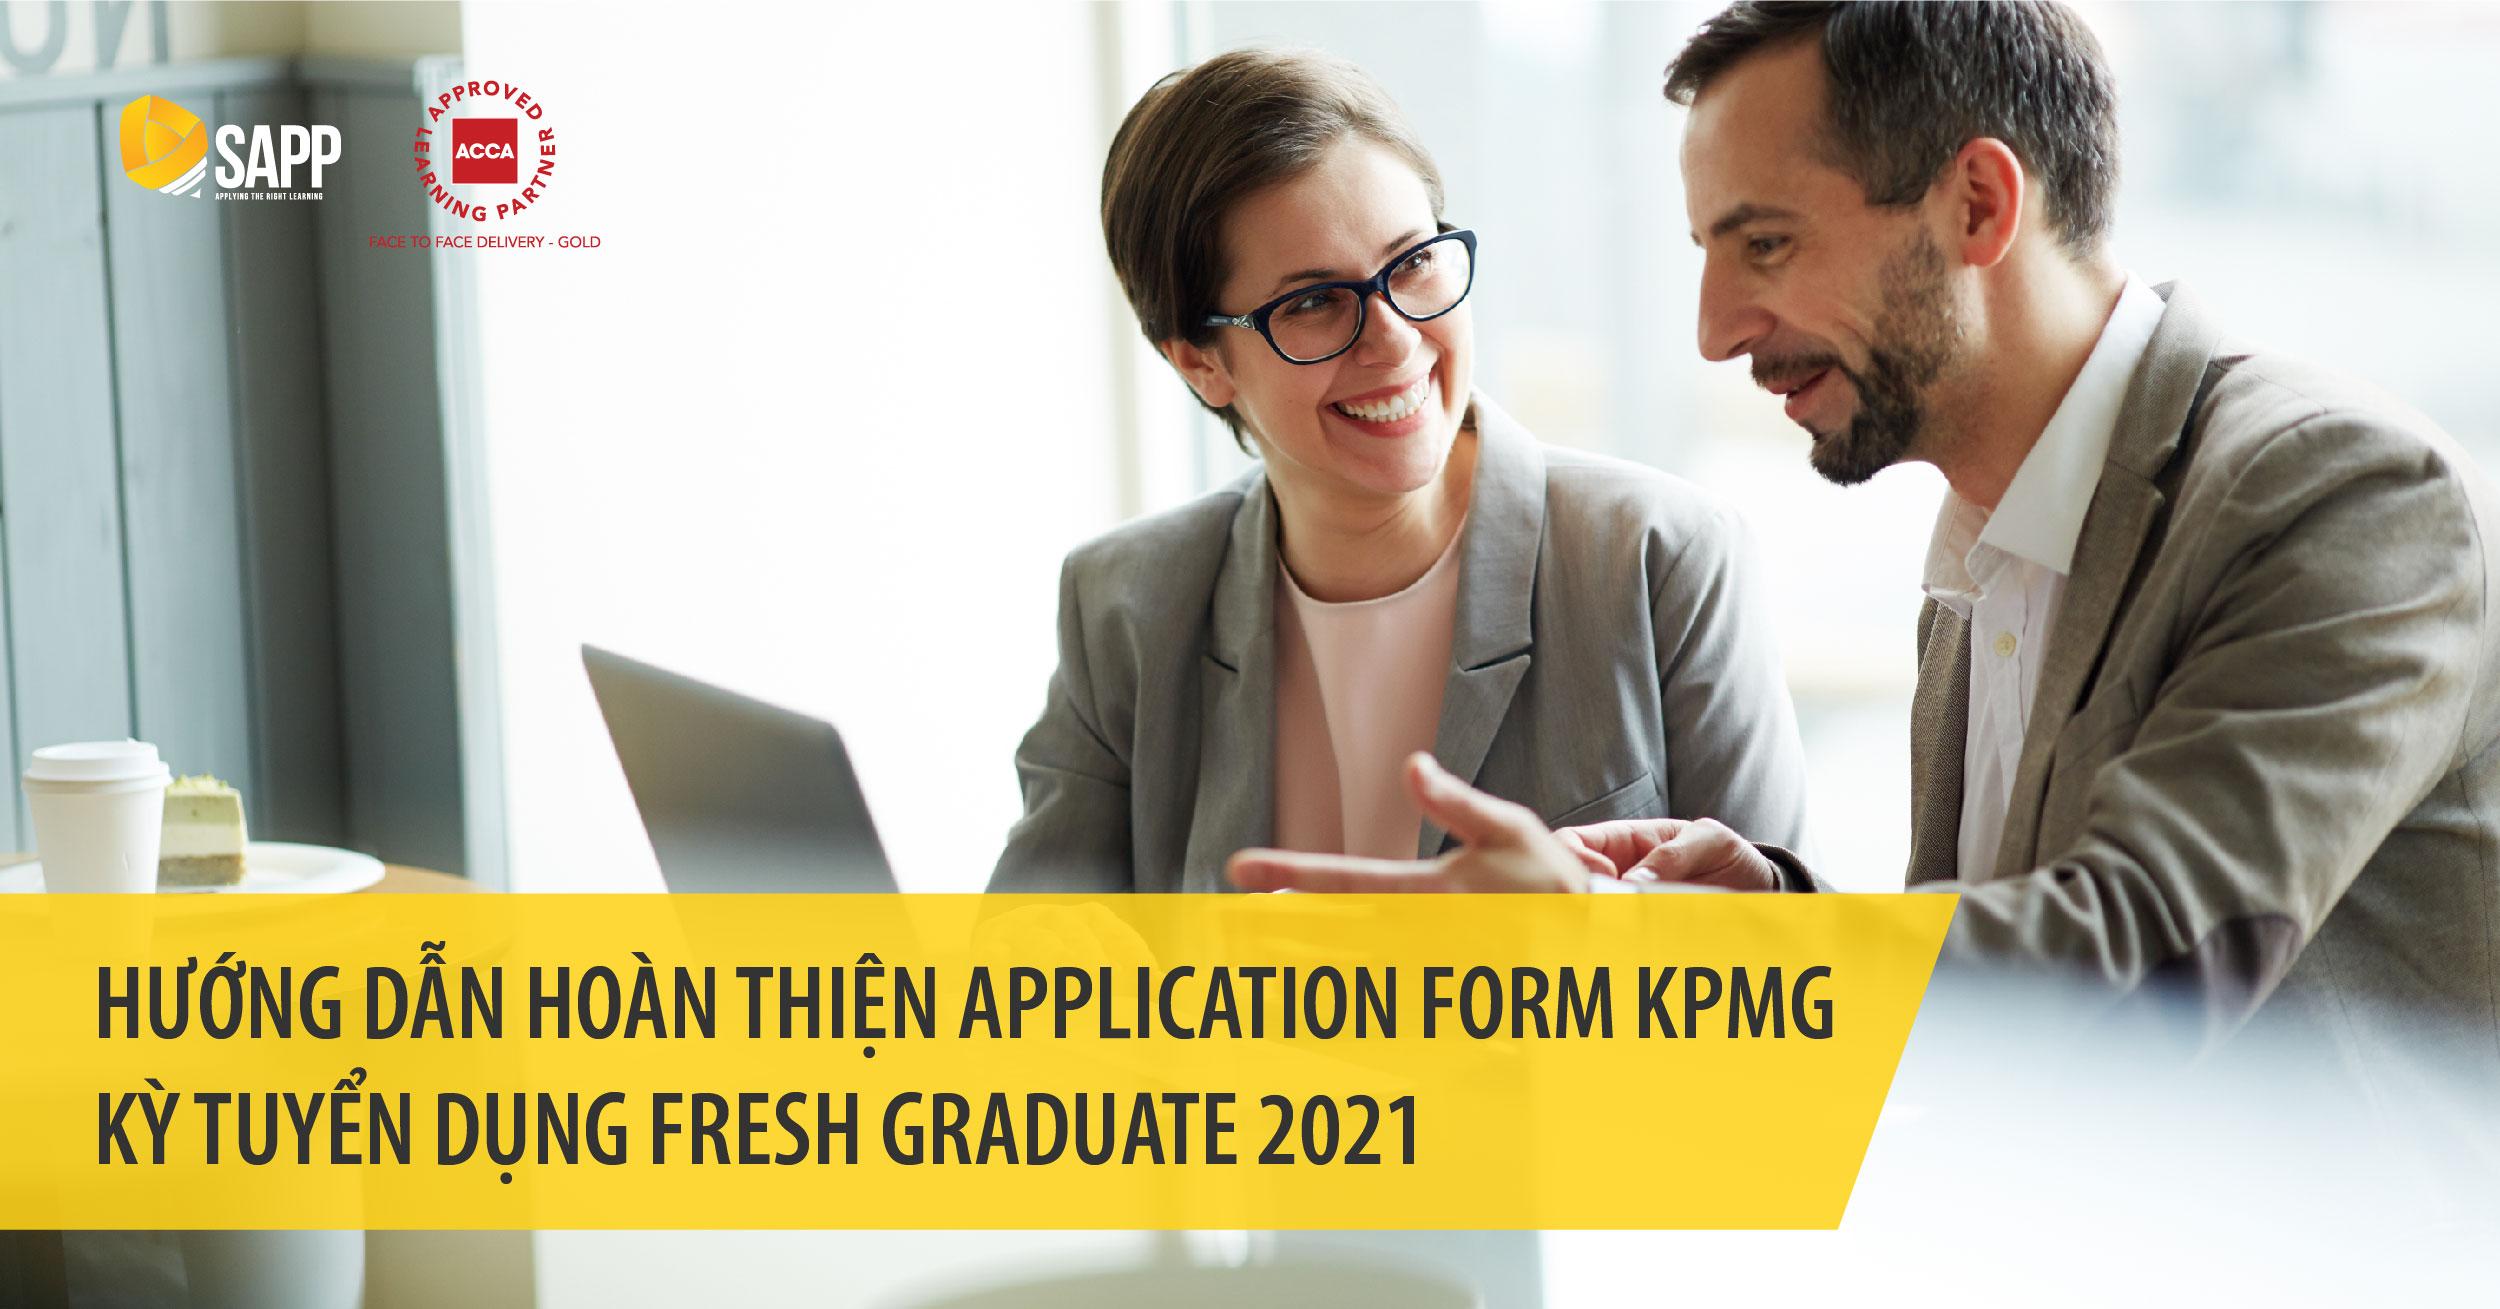 Hướng dẫn hoàn thiện Application Form KPMG kỳ Tuyển dụng Fresh Graduate 2021